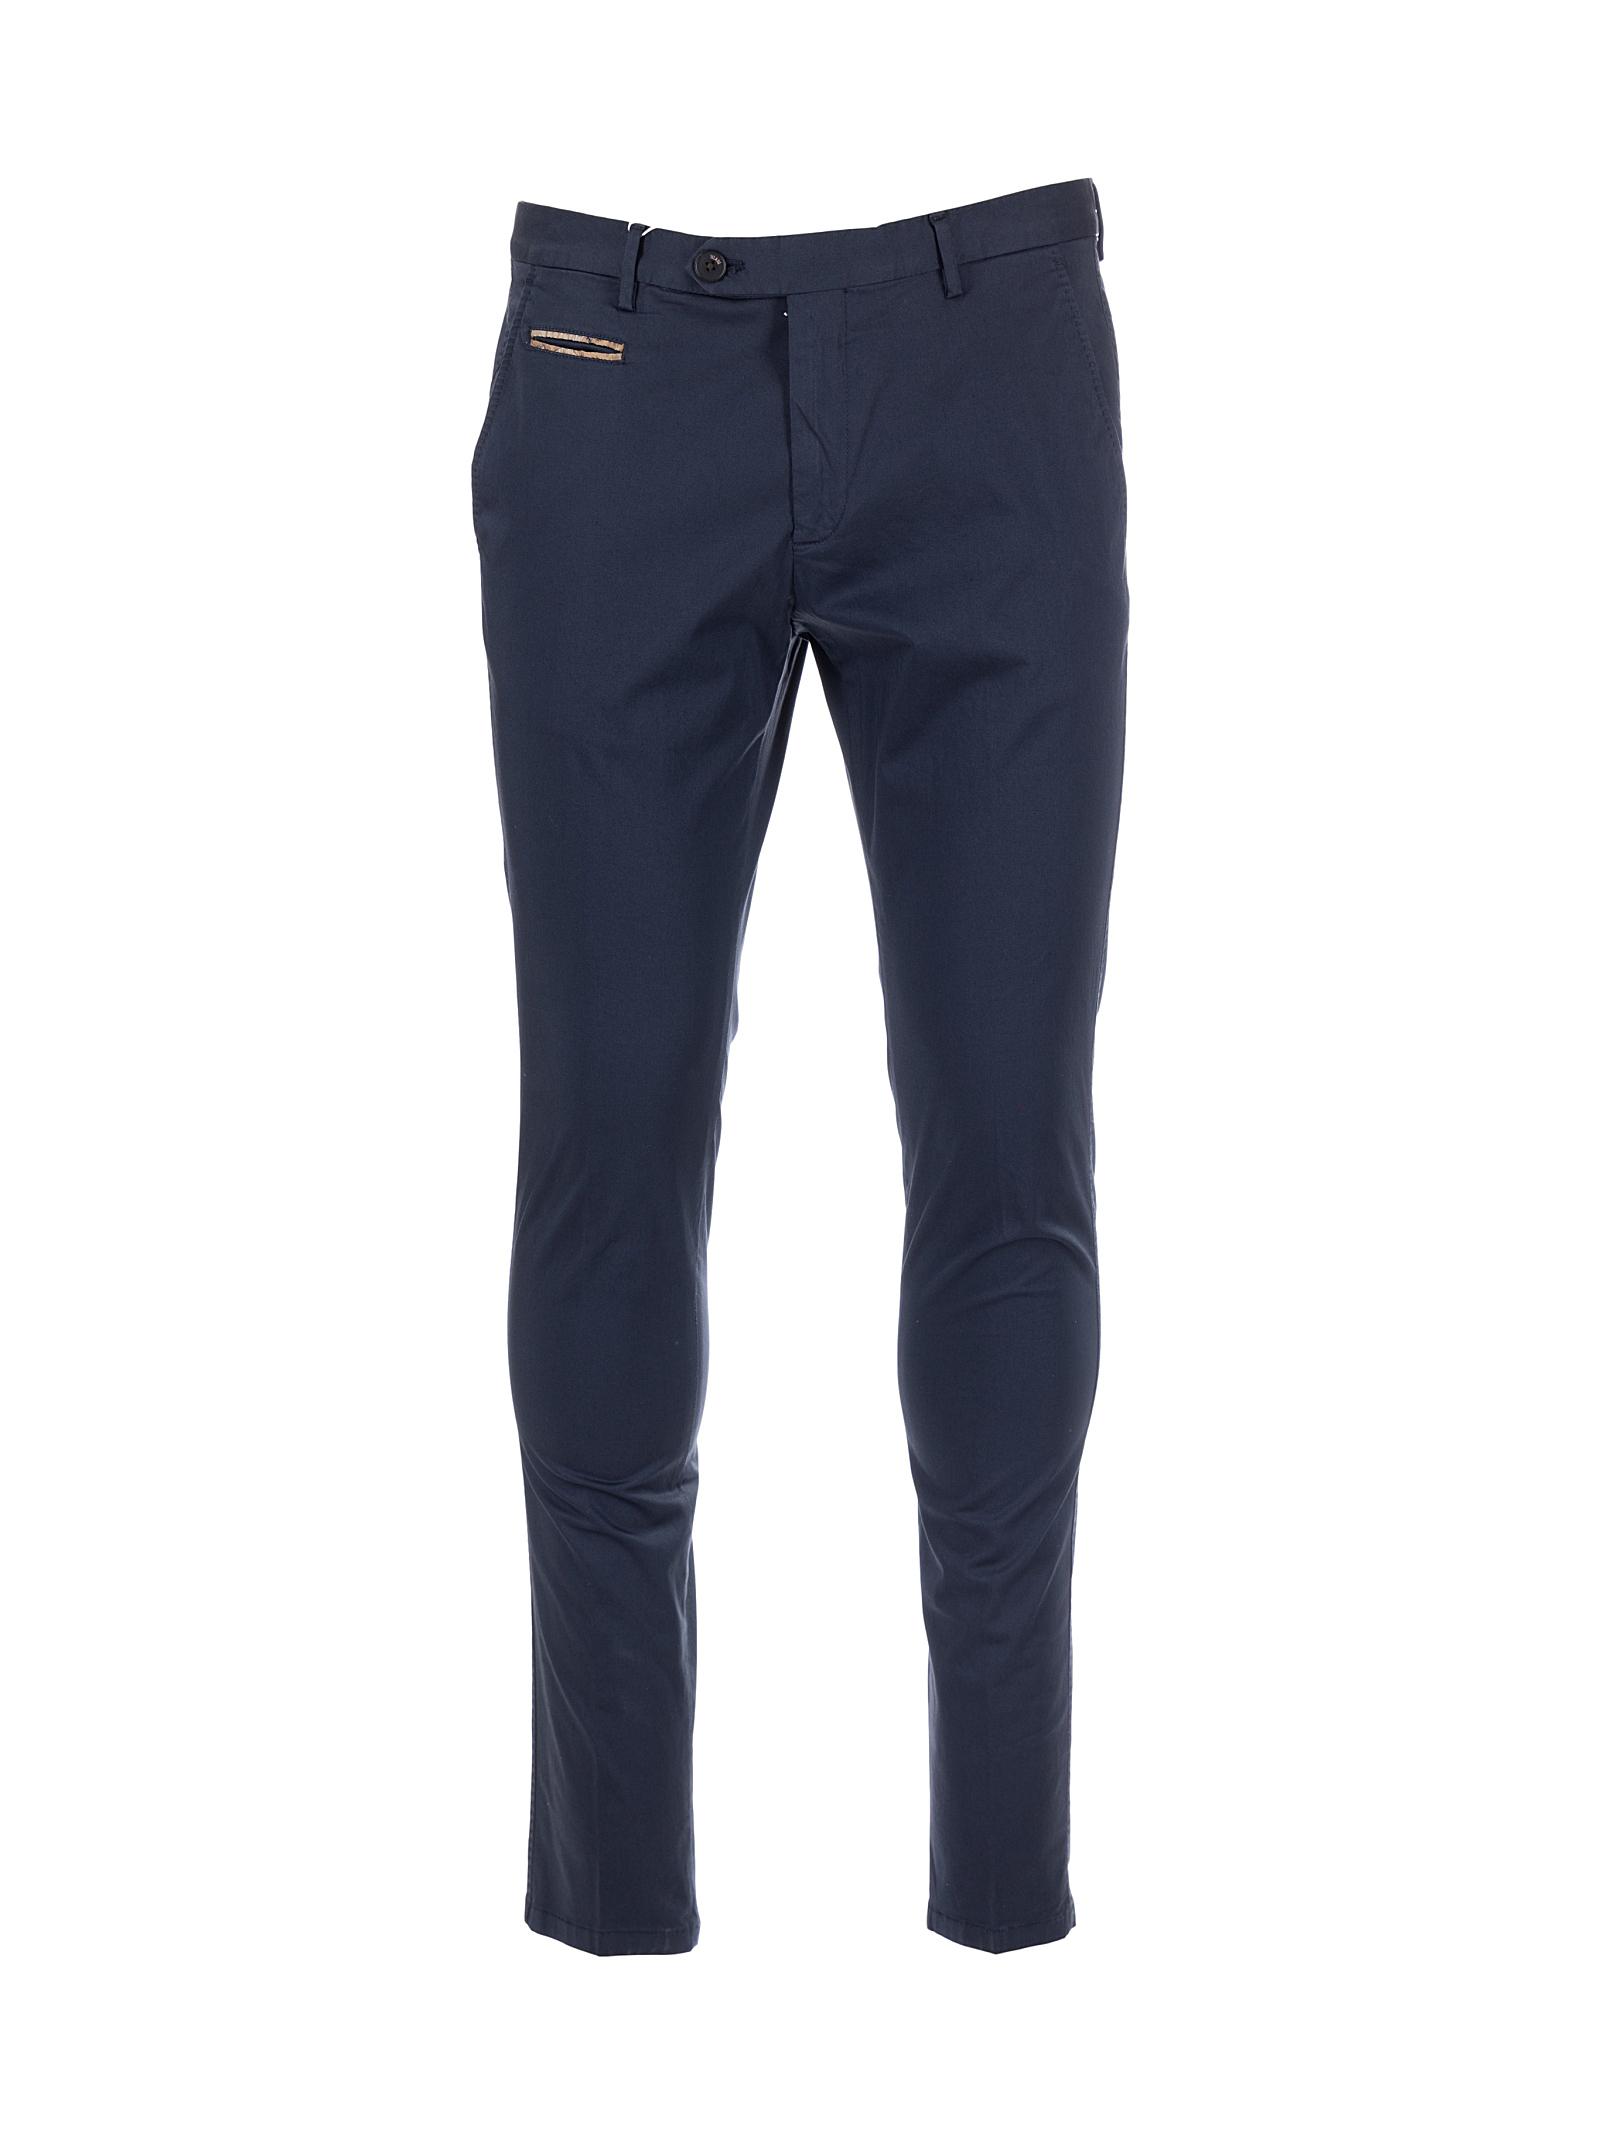 Alviero Martini Pantalone U 4621 UE83